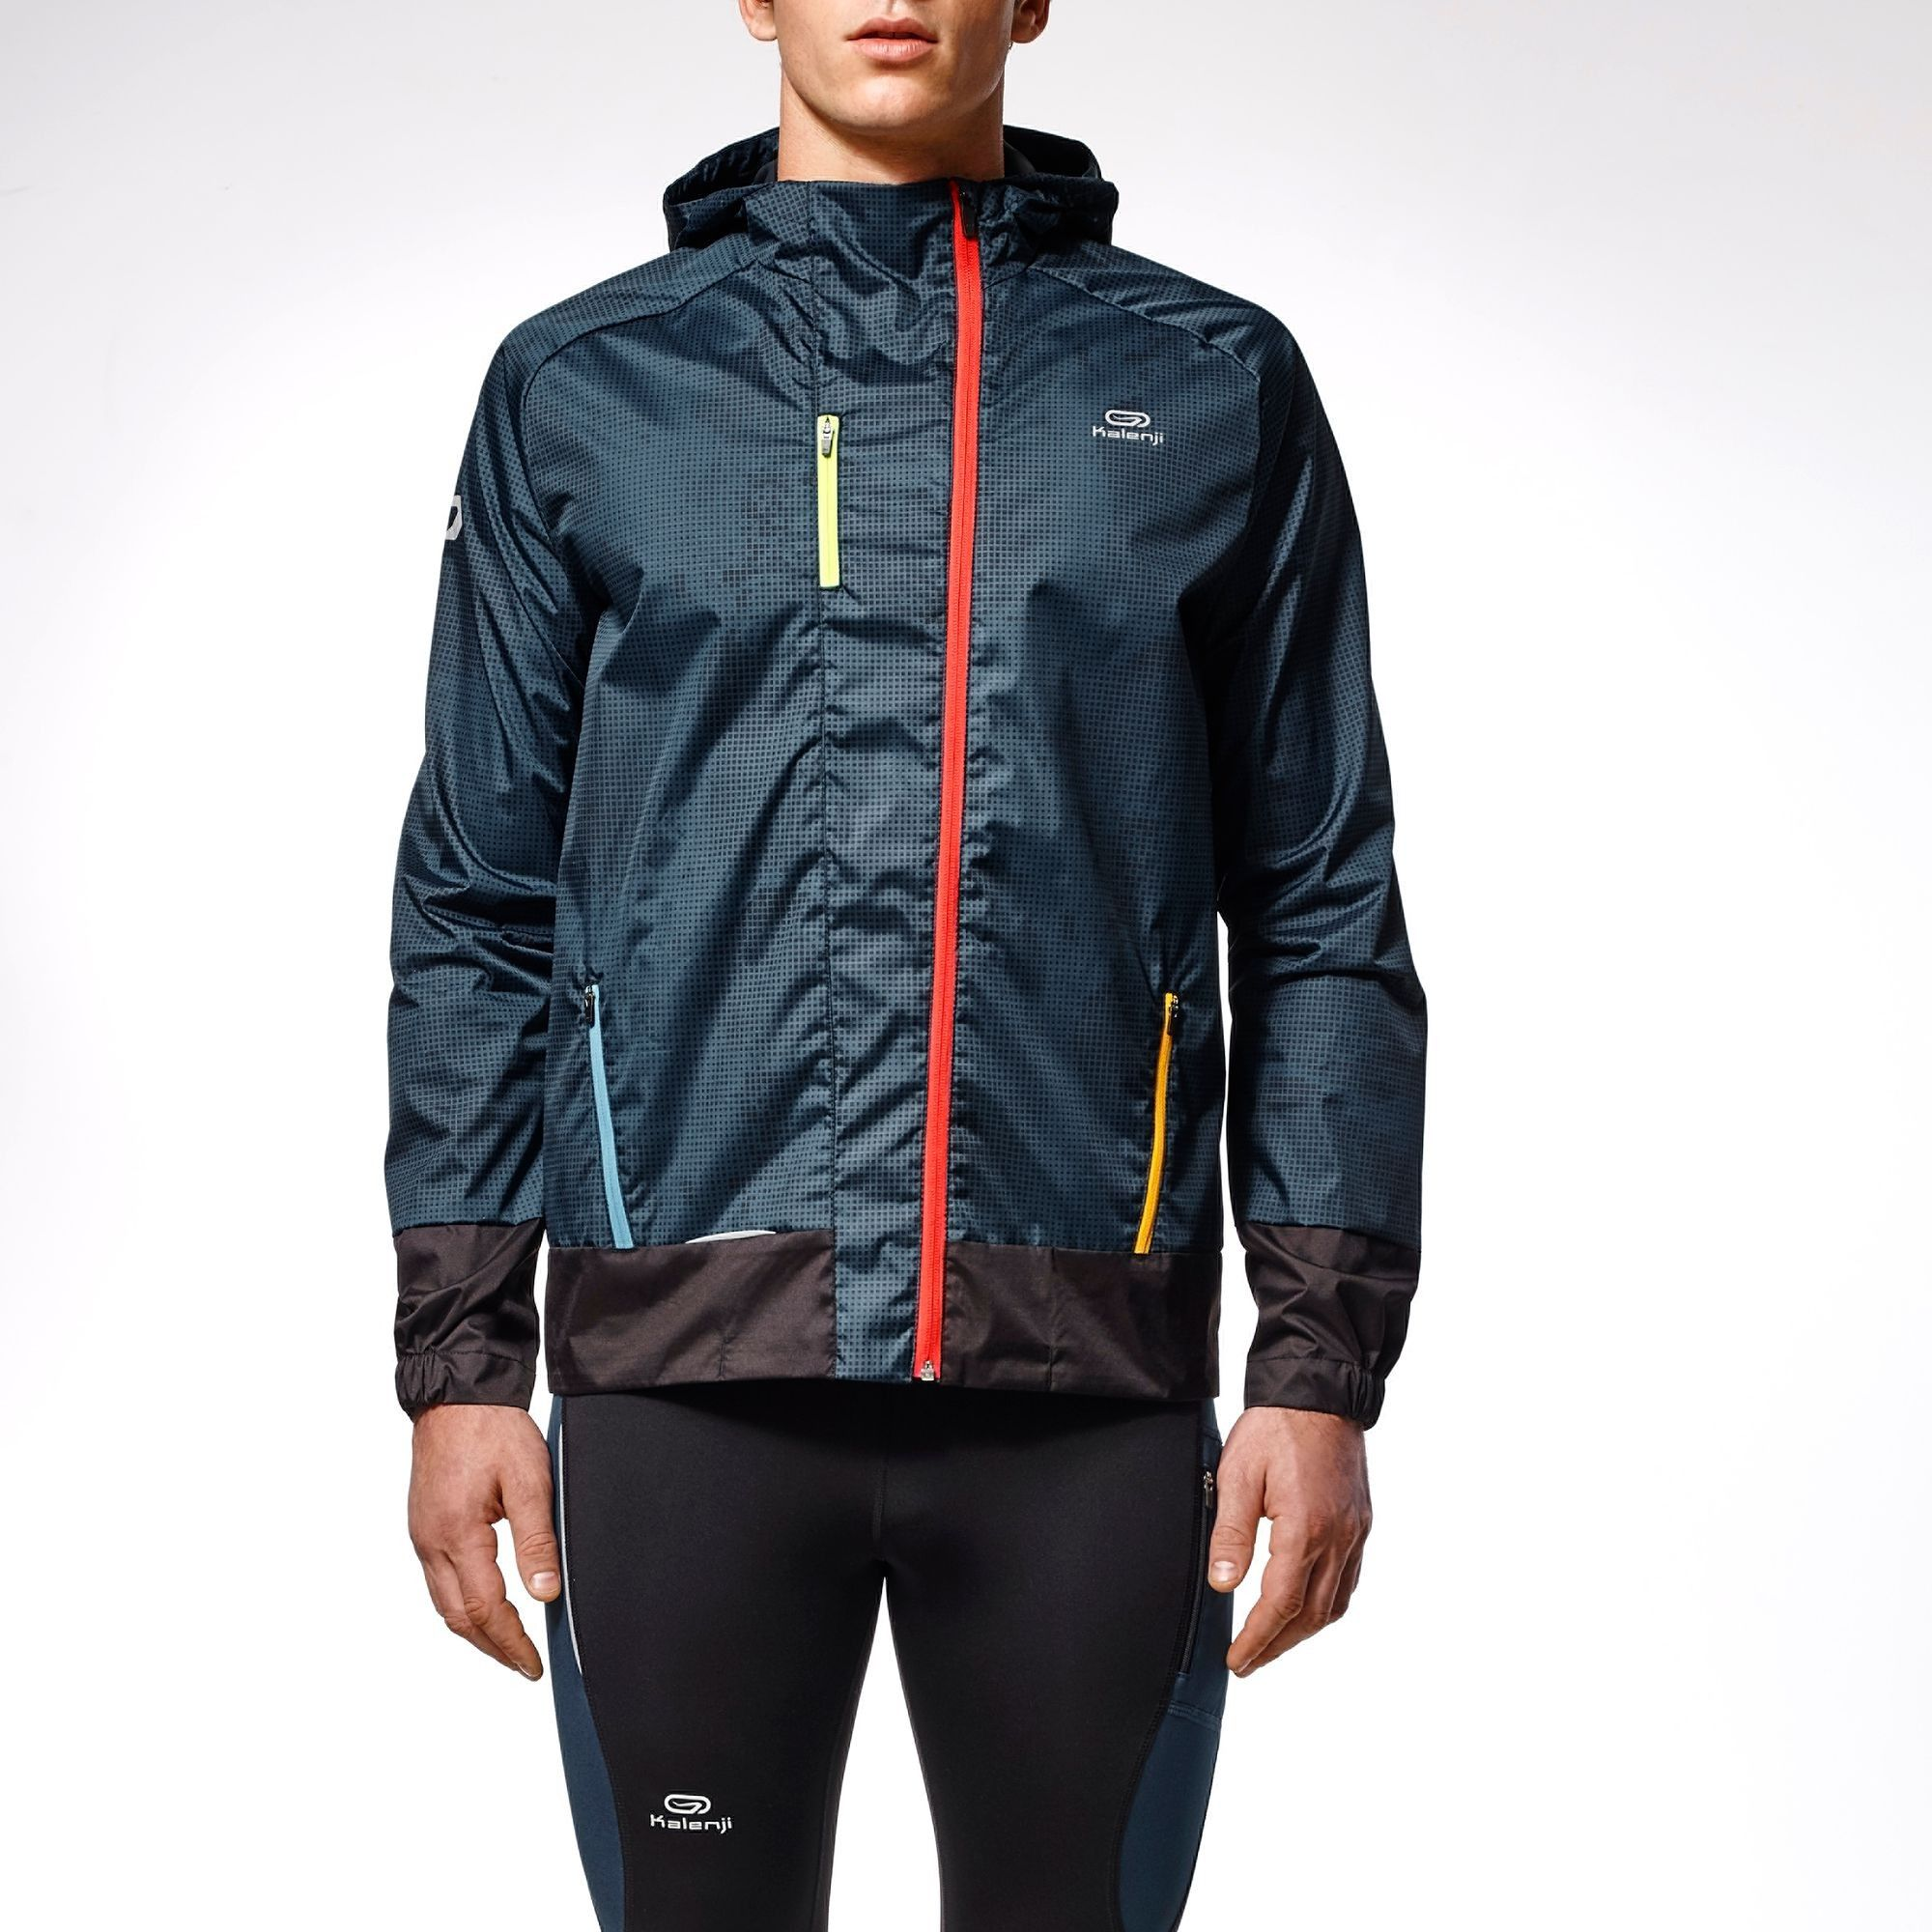 famosa marca de diseñador comprar baratas 60% de descuento Eliorain Jacket - | Decathlon | RUN. in 2019 | Jackets ...